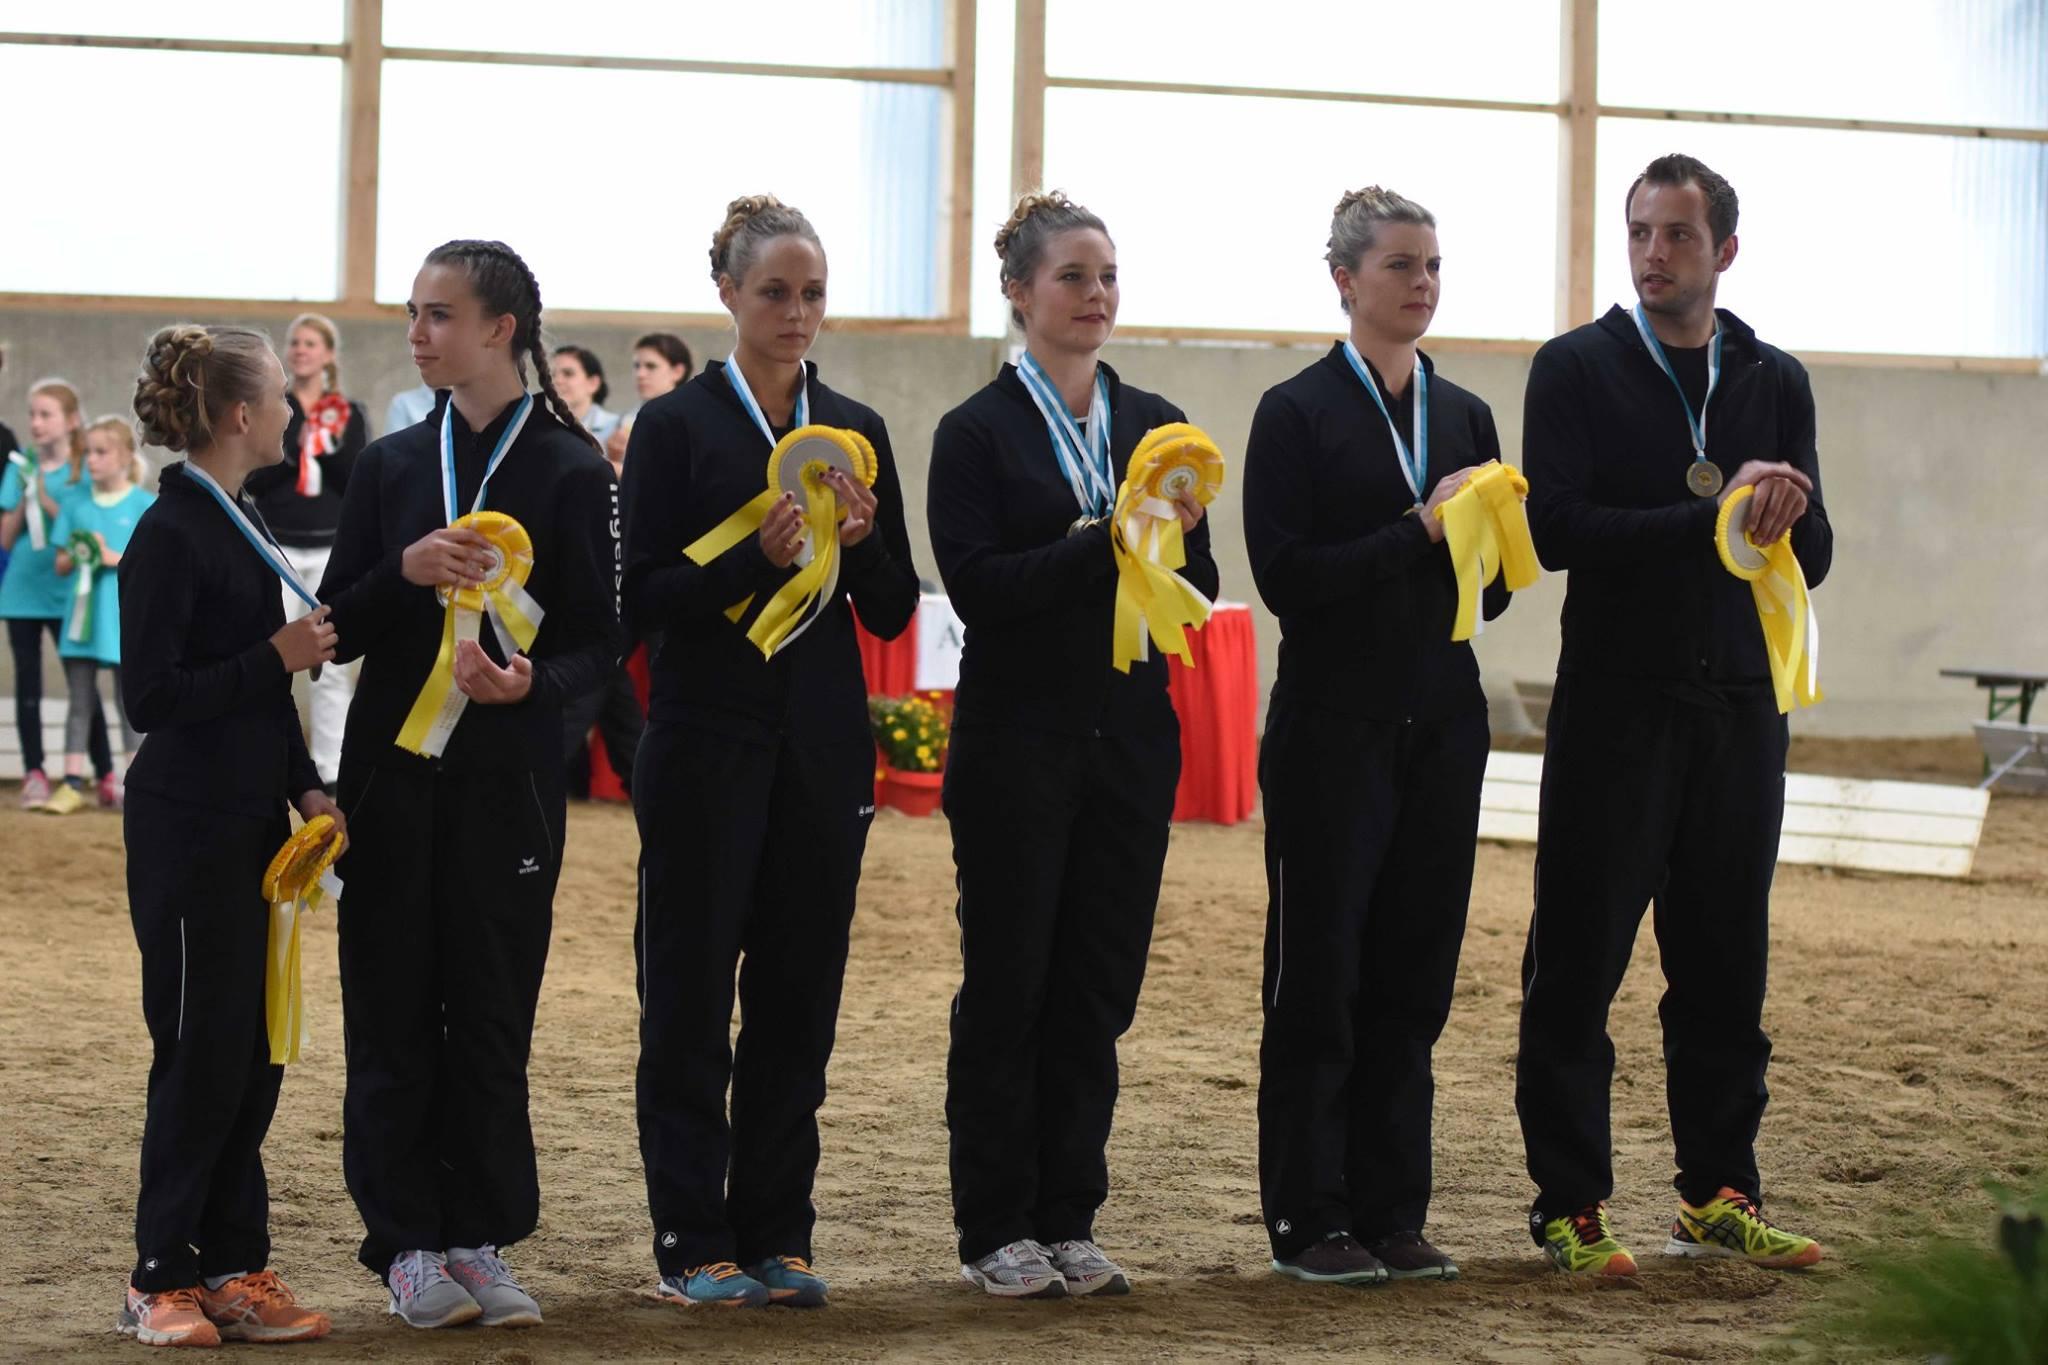 Überlegener Sieger bei den Seniorteams: Ingelsberg 1